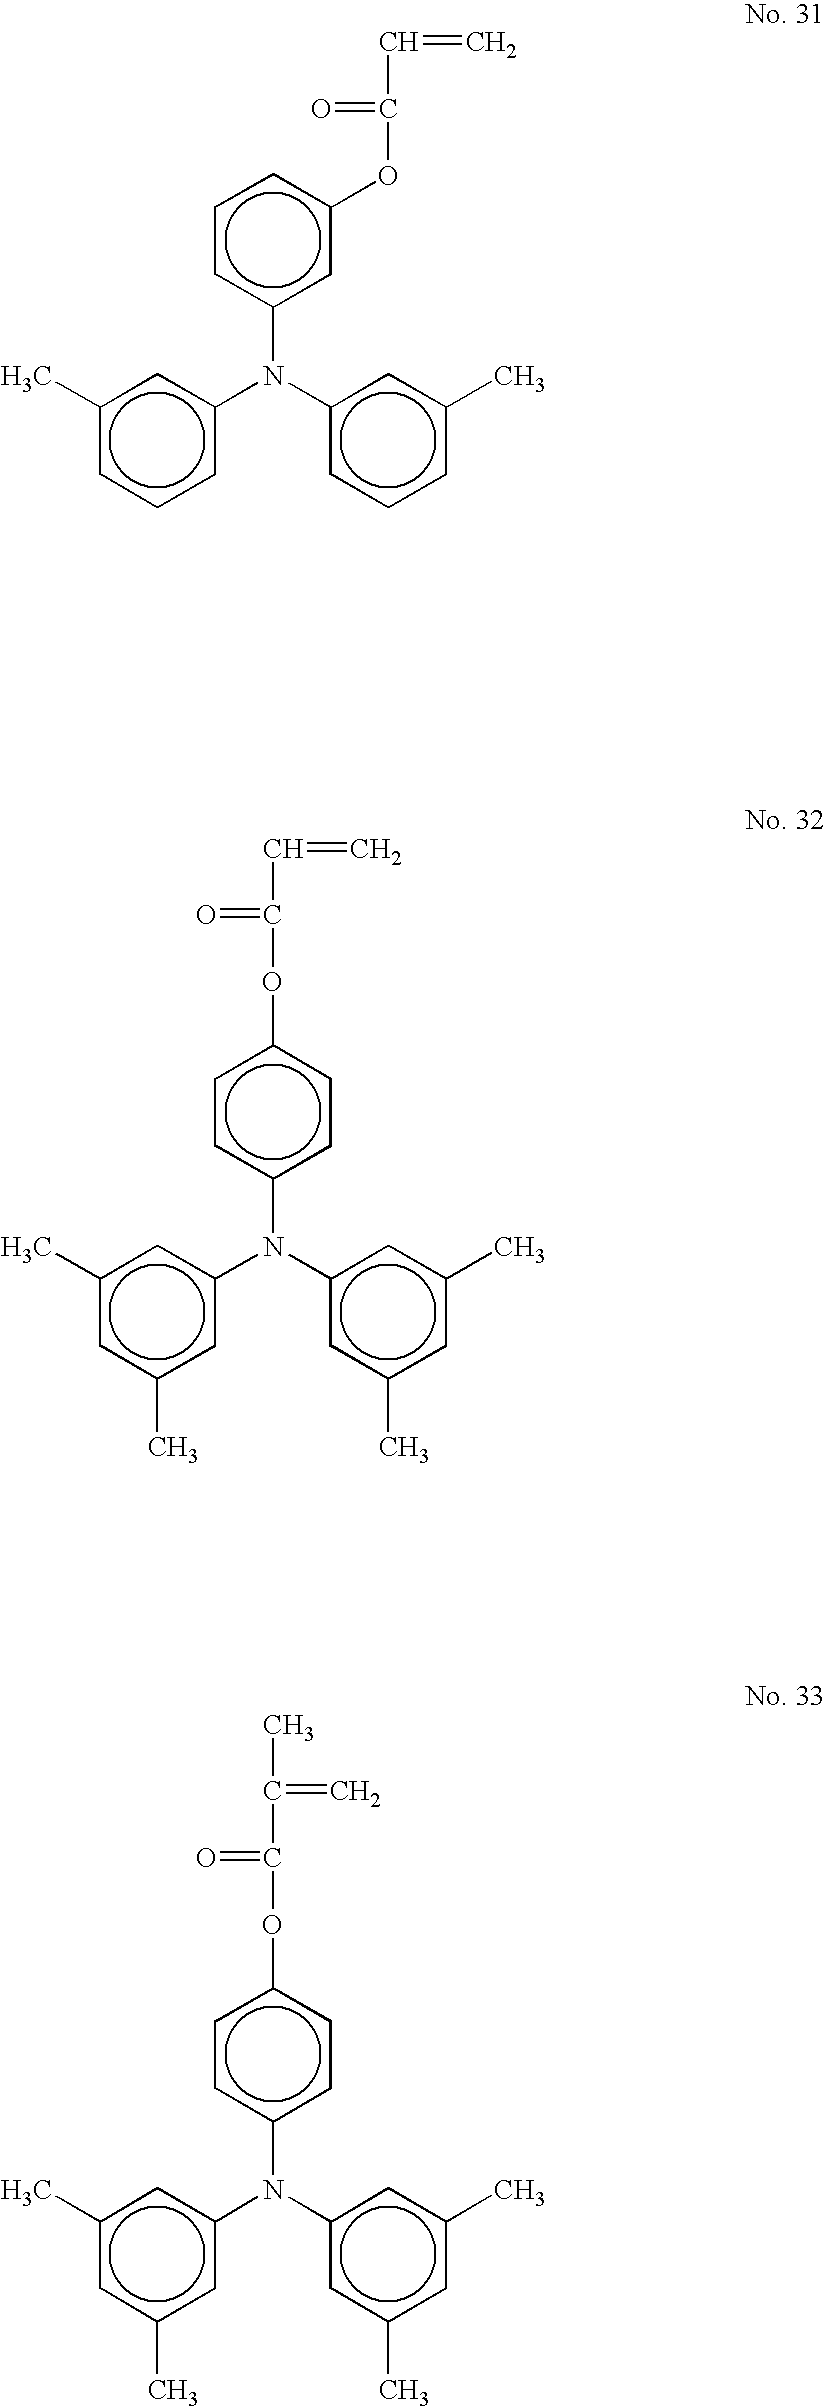 Figure US20040253527A1-20041216-C00022